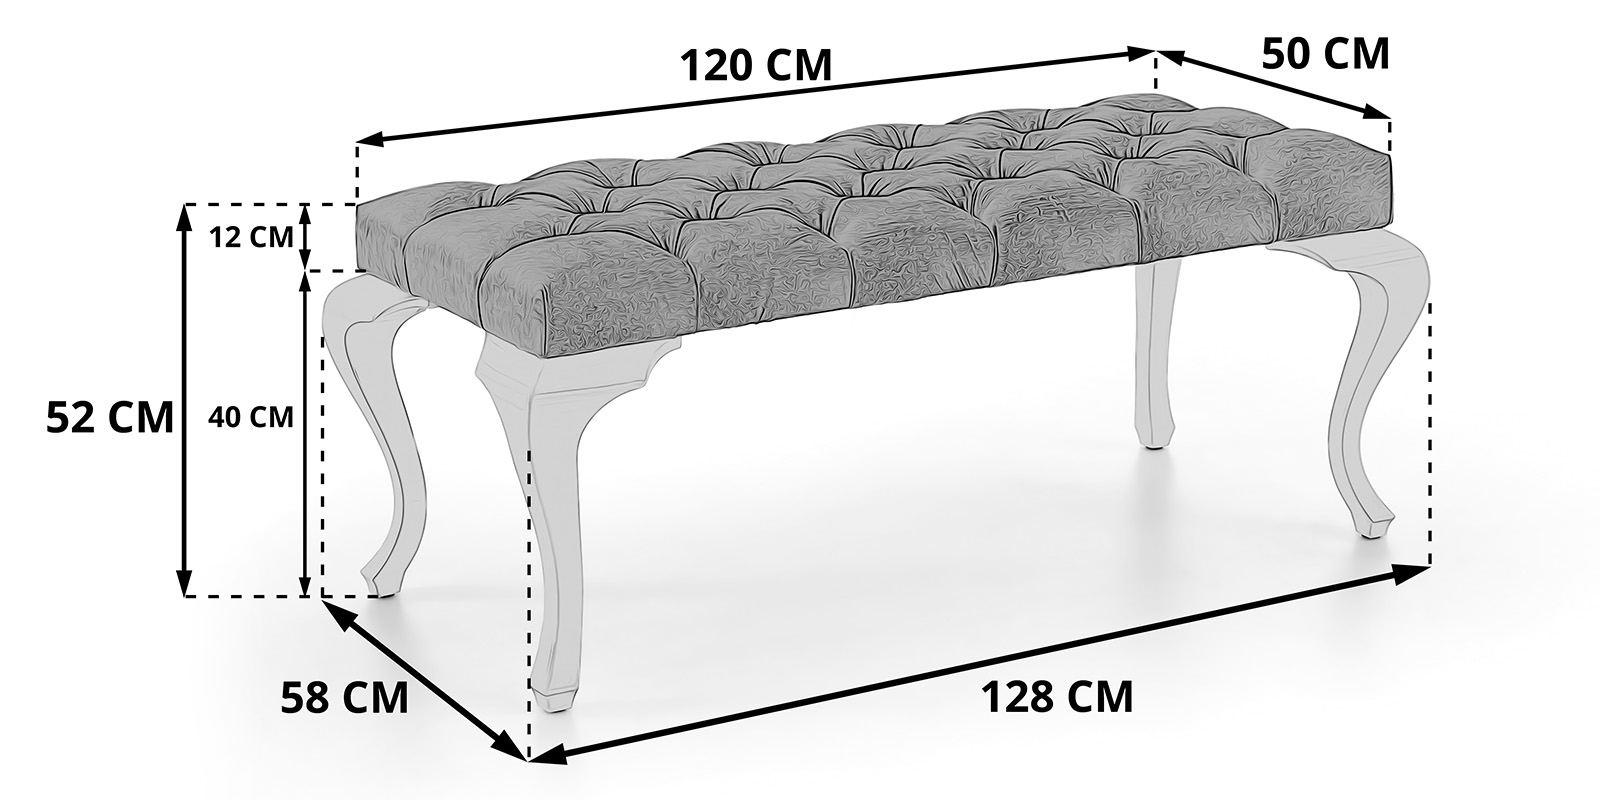 Full Size of Sitzbank Schlafzimmer Barock Skizze Romantische Deckenleuchten Gardinen Deckenlampe Luxus Landhaus Deckenleuchte Schrank Rauch Nolte Teppich Bett Stuhl Schlafzimmer Sitzbank Schlafzimmer